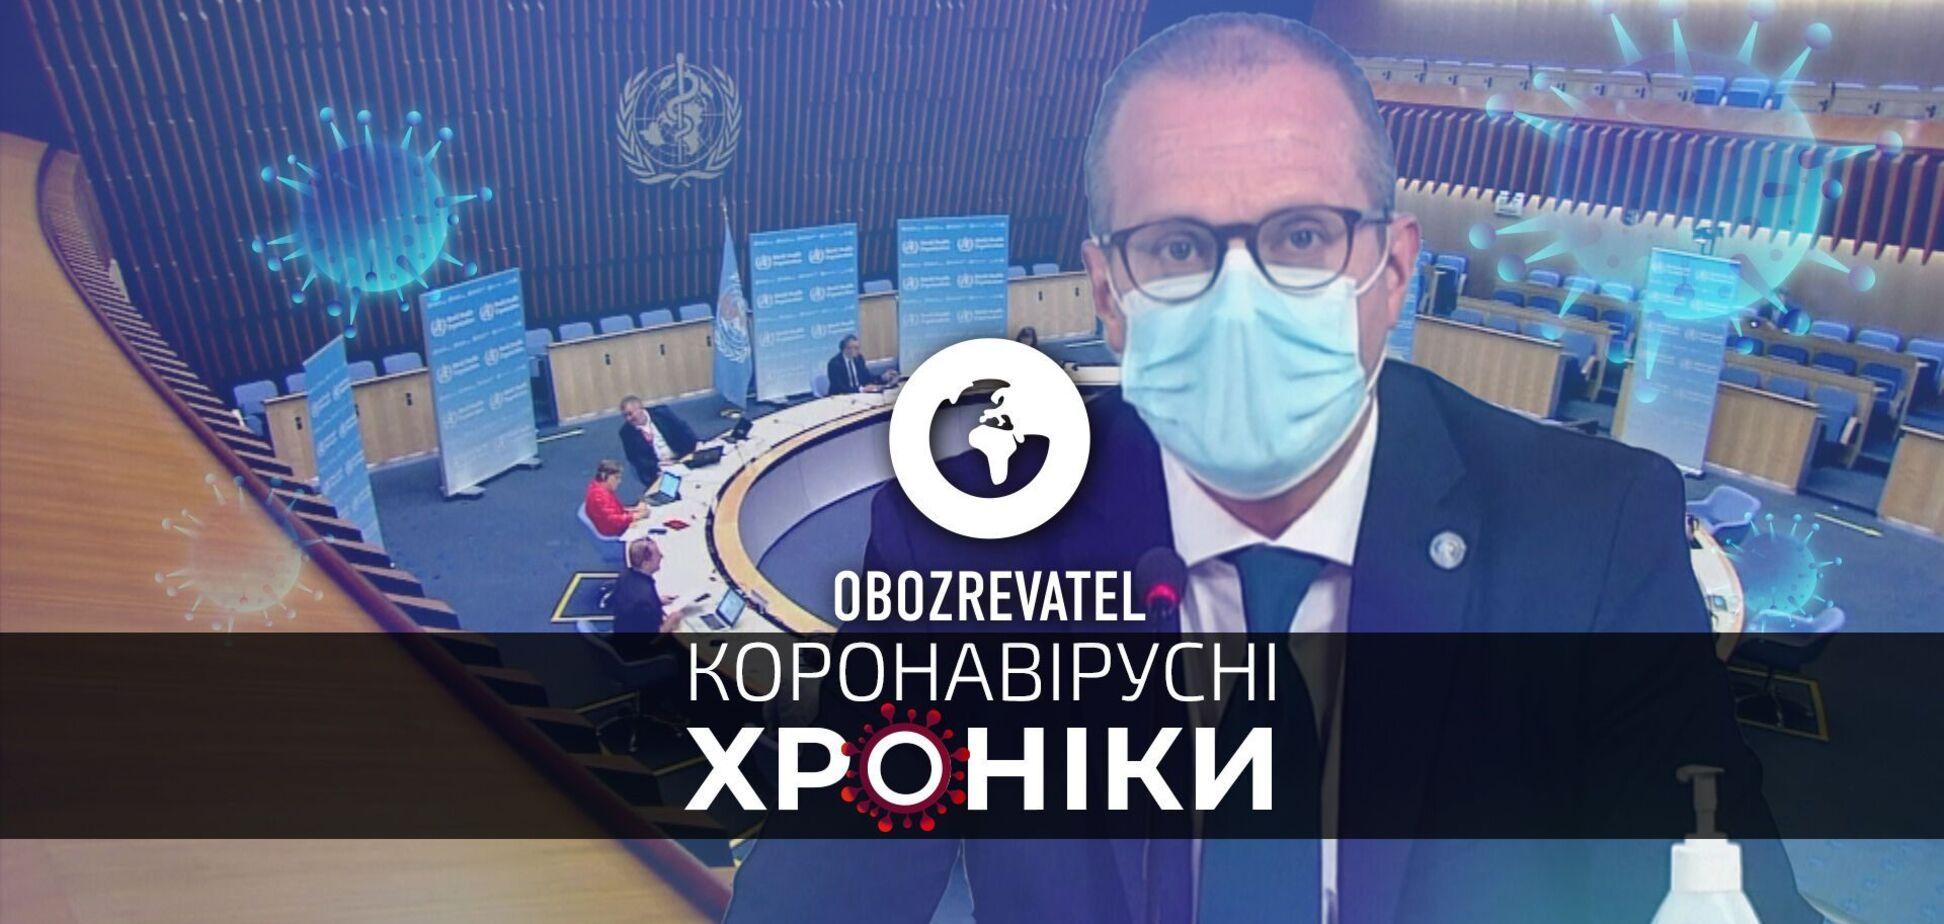 'Delta-вариант' коронавируса и въезд туристам в Эстонию без самоизоляции – коронавирусные хроники